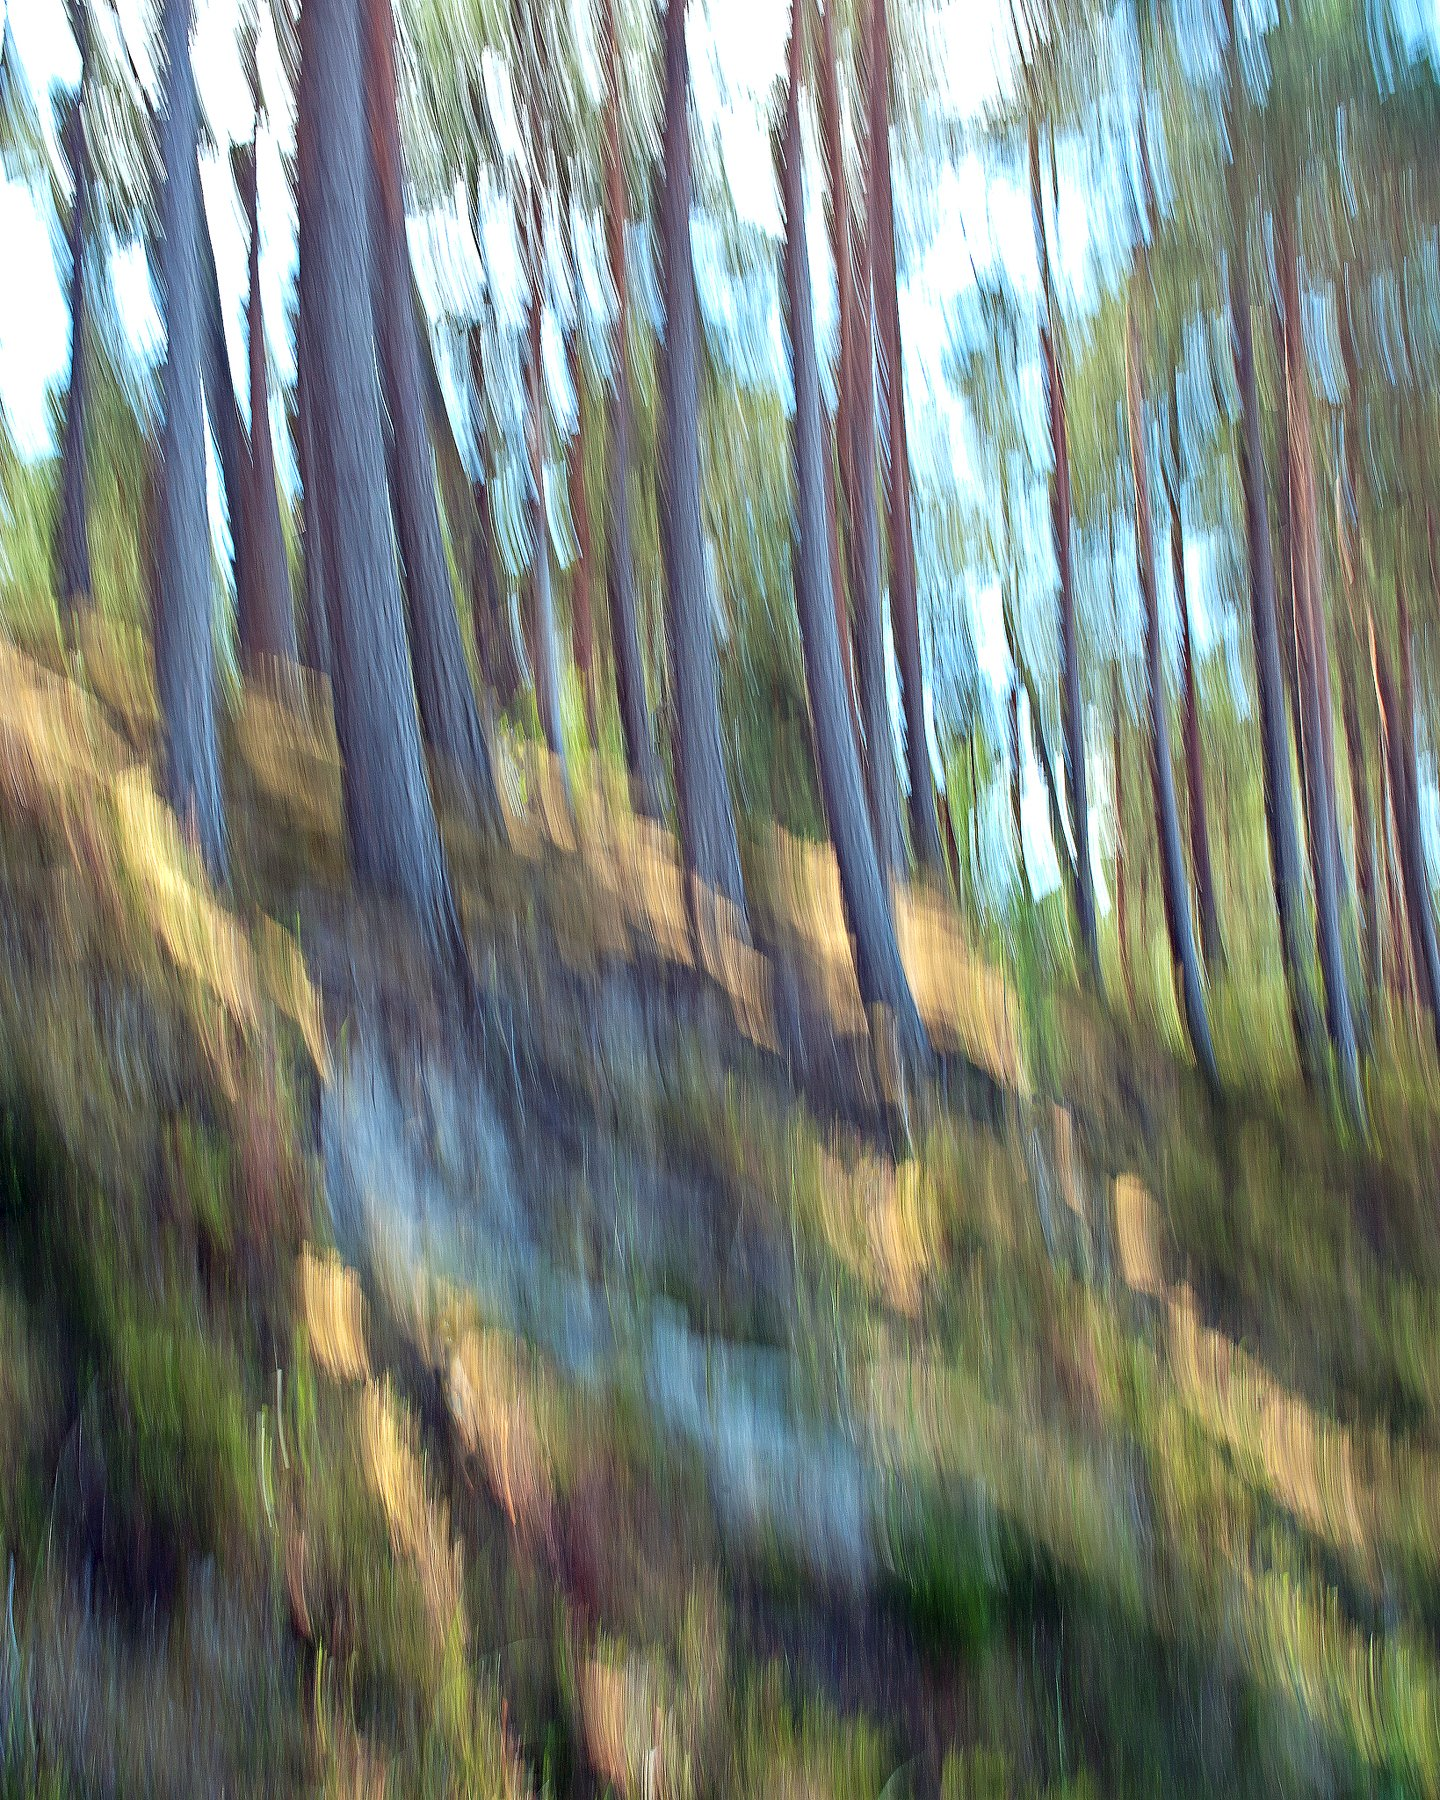 естественное фото, хорошая фотография; nature photo, good photo, studio photo, Juris Zēbergs